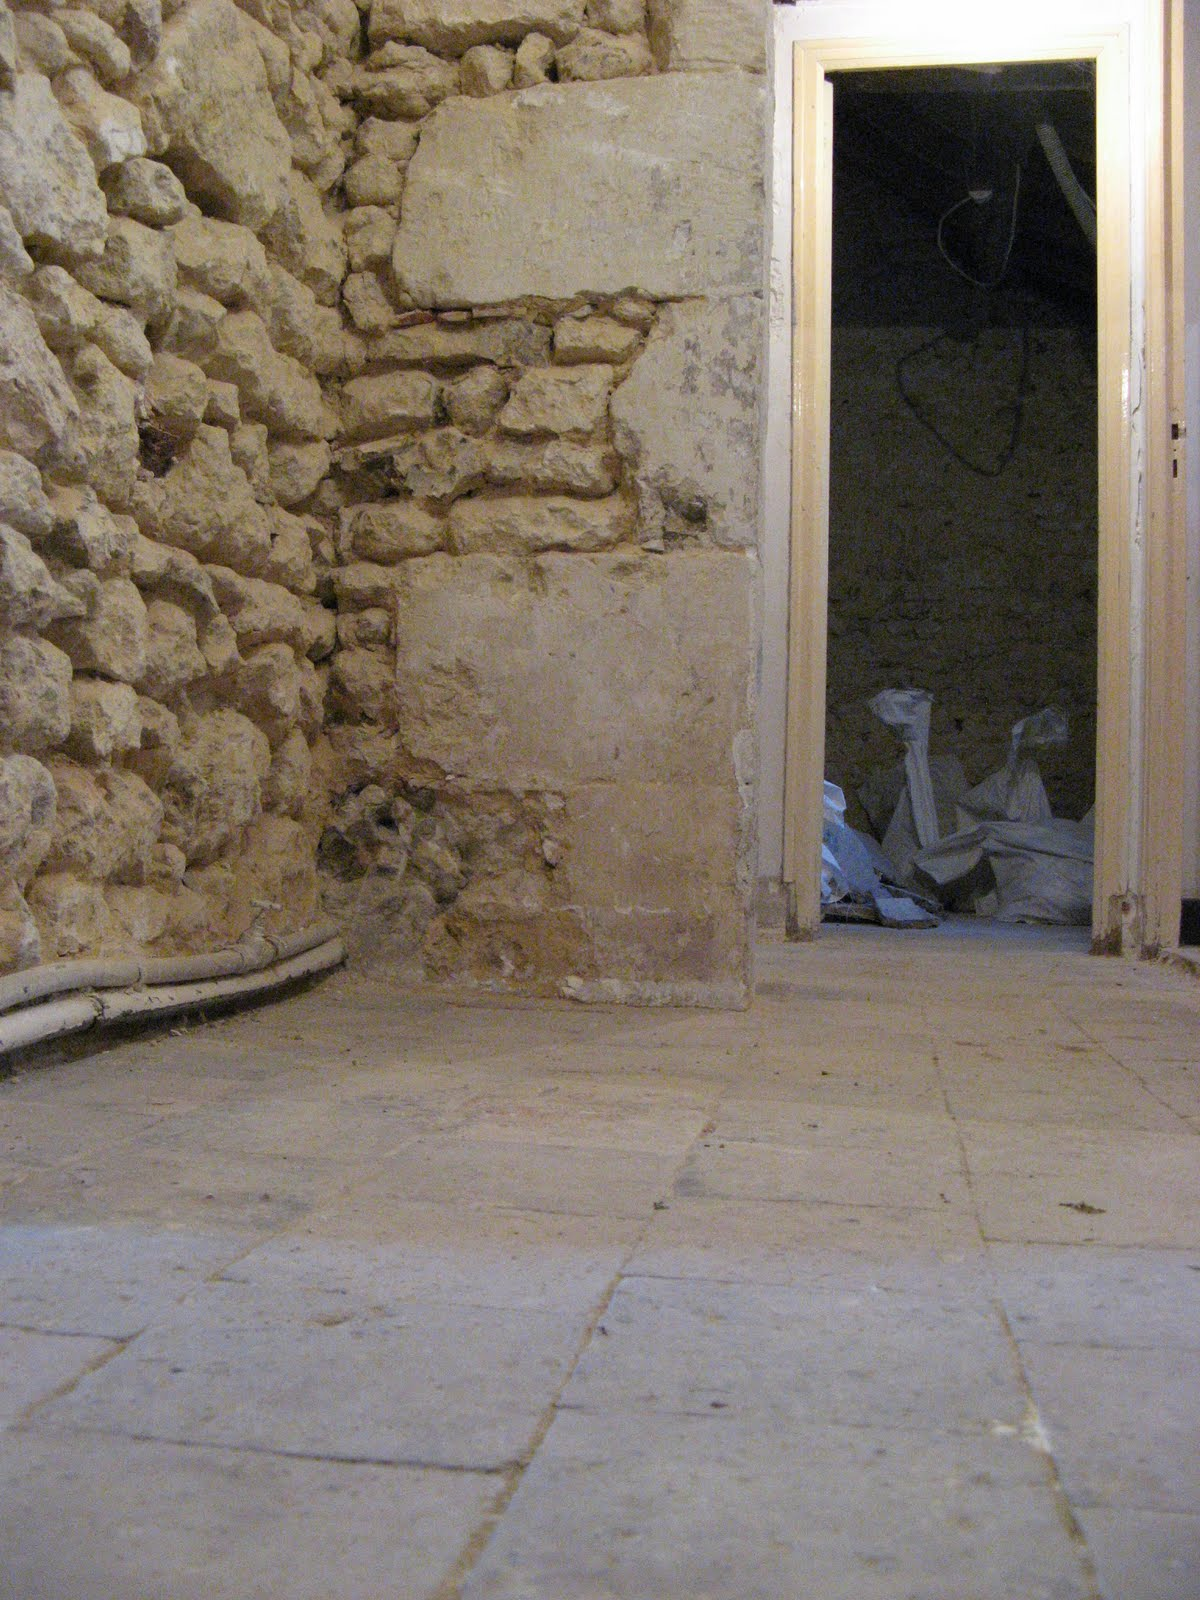 carrelage tunisie paris noisy le grand beziers bordeaux prix moyen travaux au m2 entretien. Black Bedroom Furniture Sets. Home Design Ideas